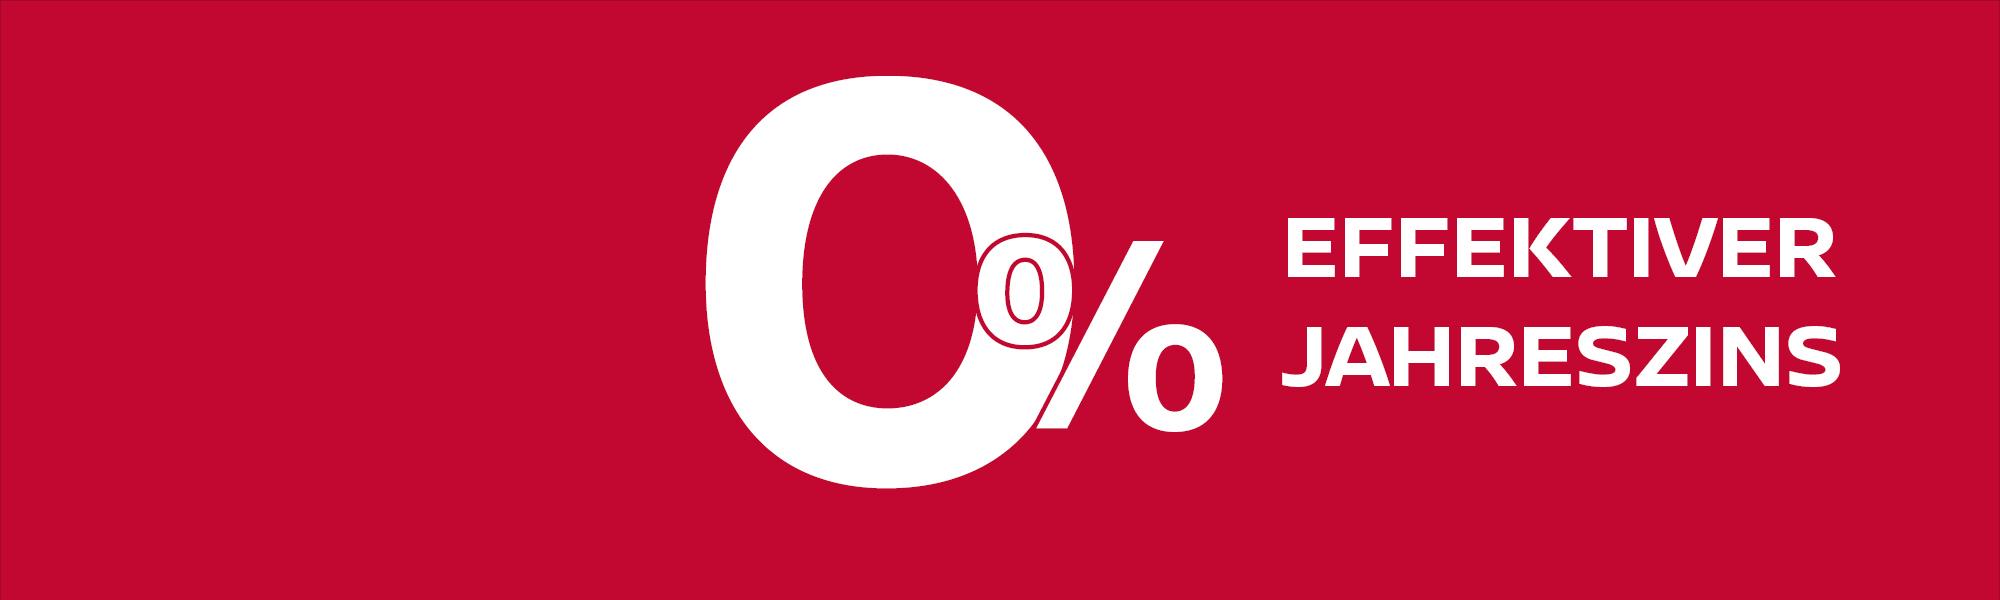 0% Finanzierung auf alle Gebrauchtwagen